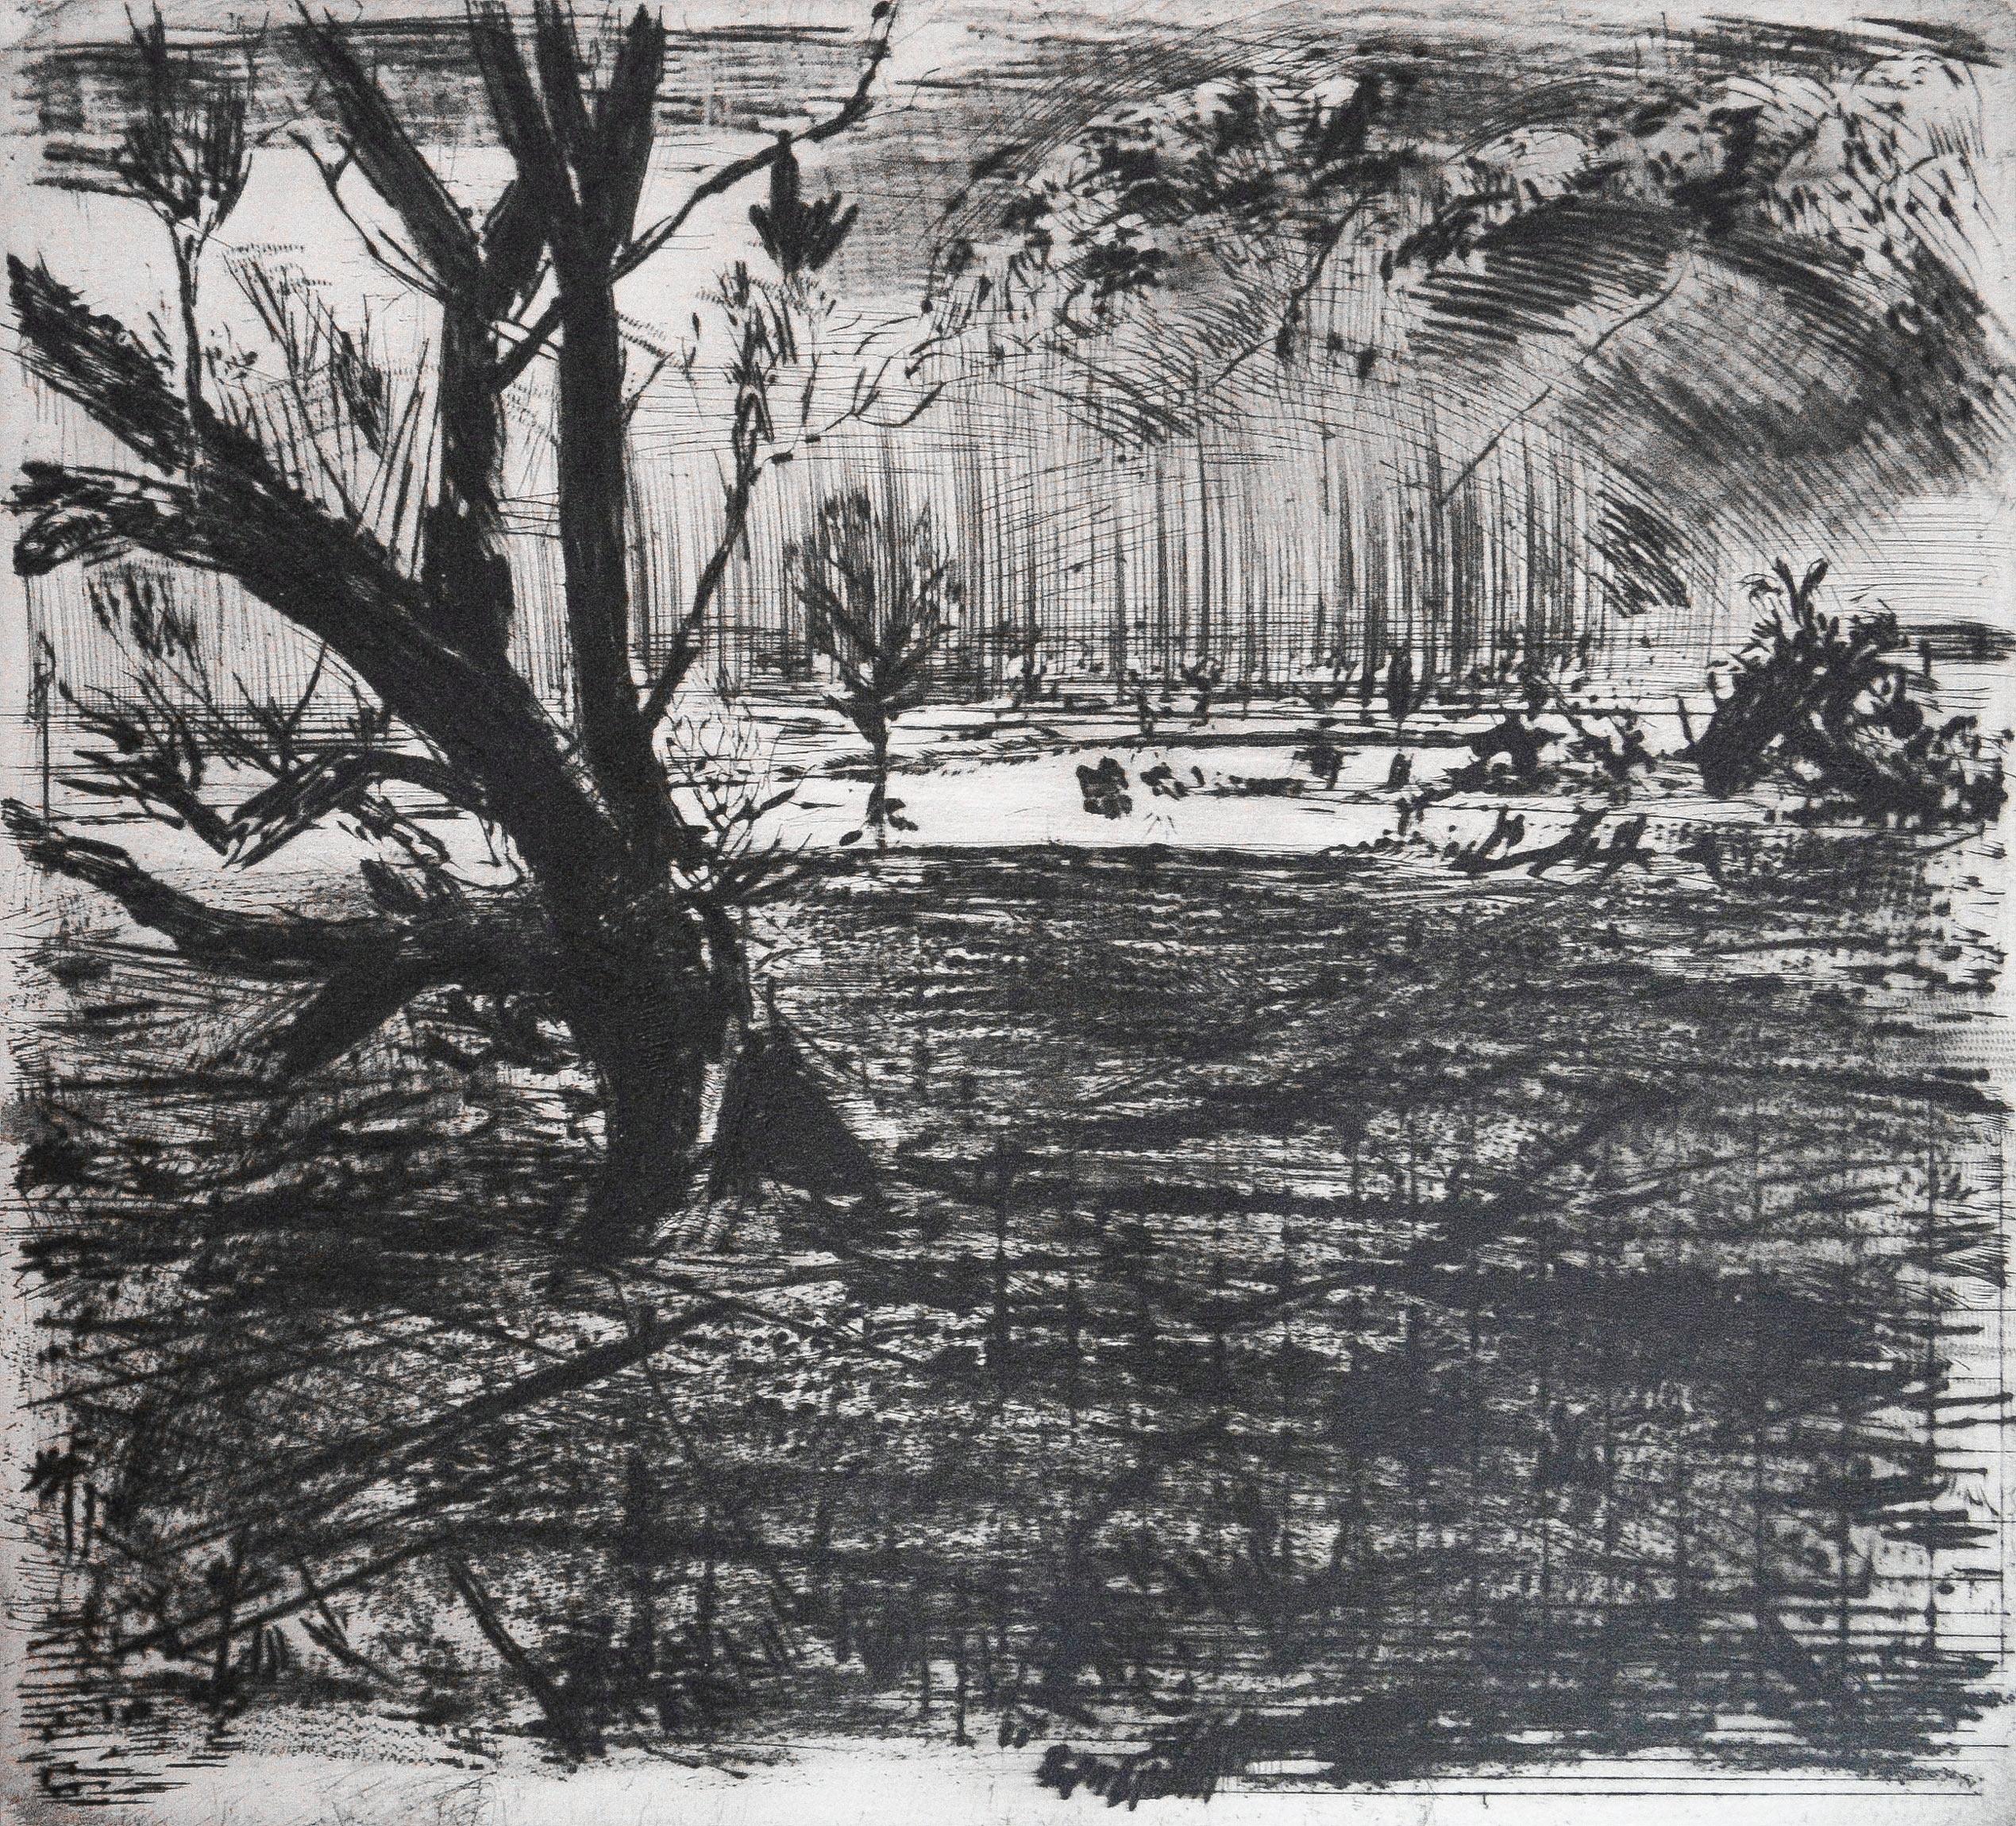 Sighard Gille, Grafik aus der Sammlung der Kunsthalle Rostock